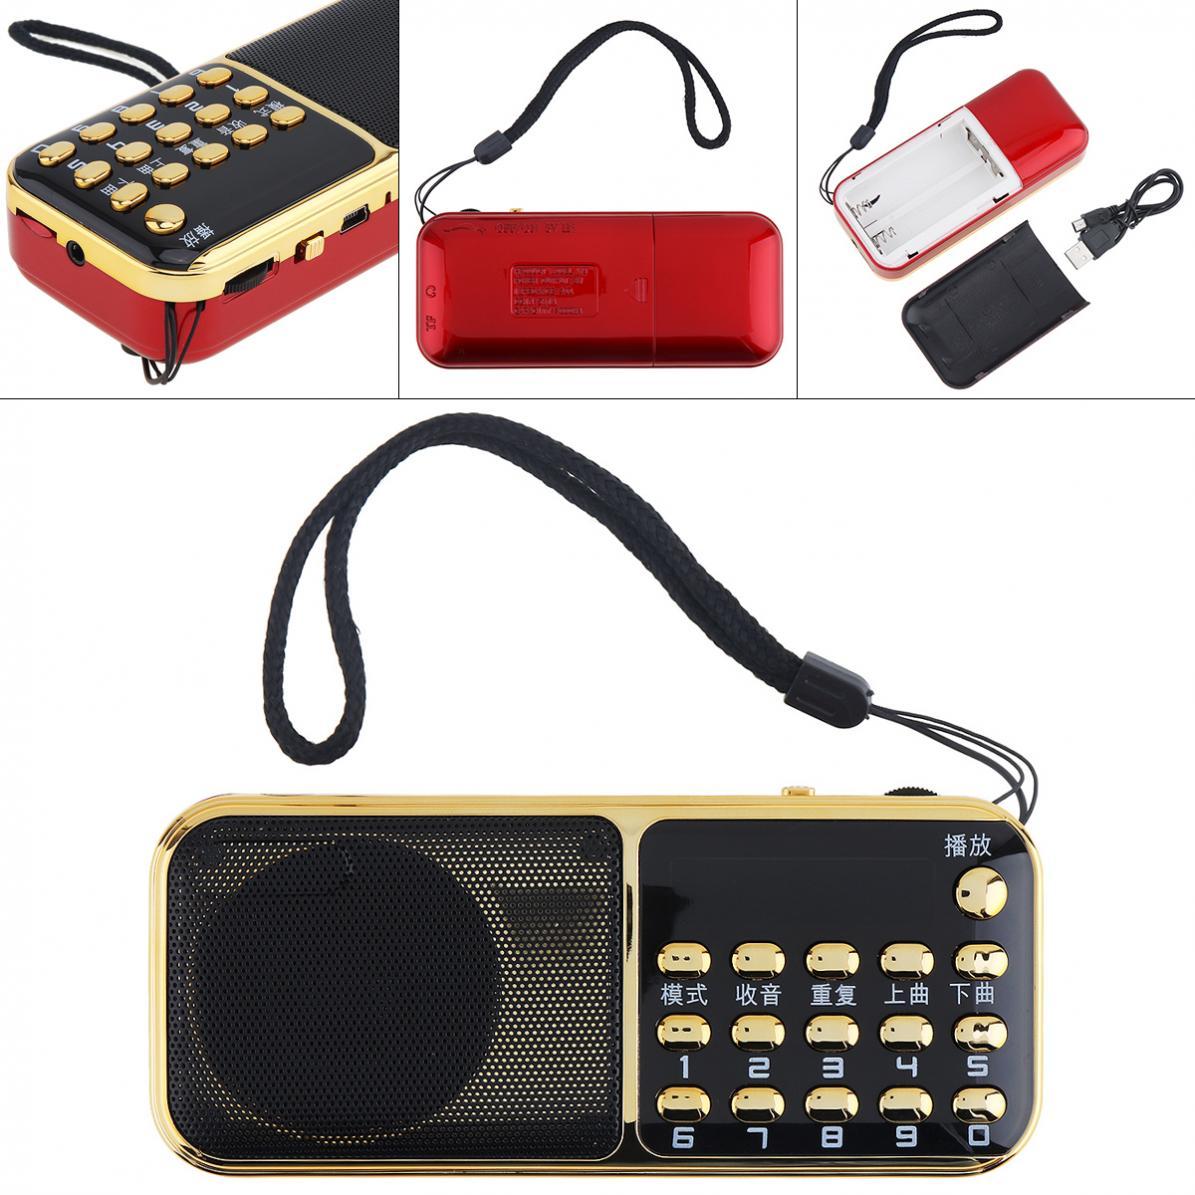 Gutherzig E12 Tragbare Radio Mini Audio Karte Lautsprecher Fm Radio Mit 3,5mm Kopfhörer Jack Für Outdoor/home Radio